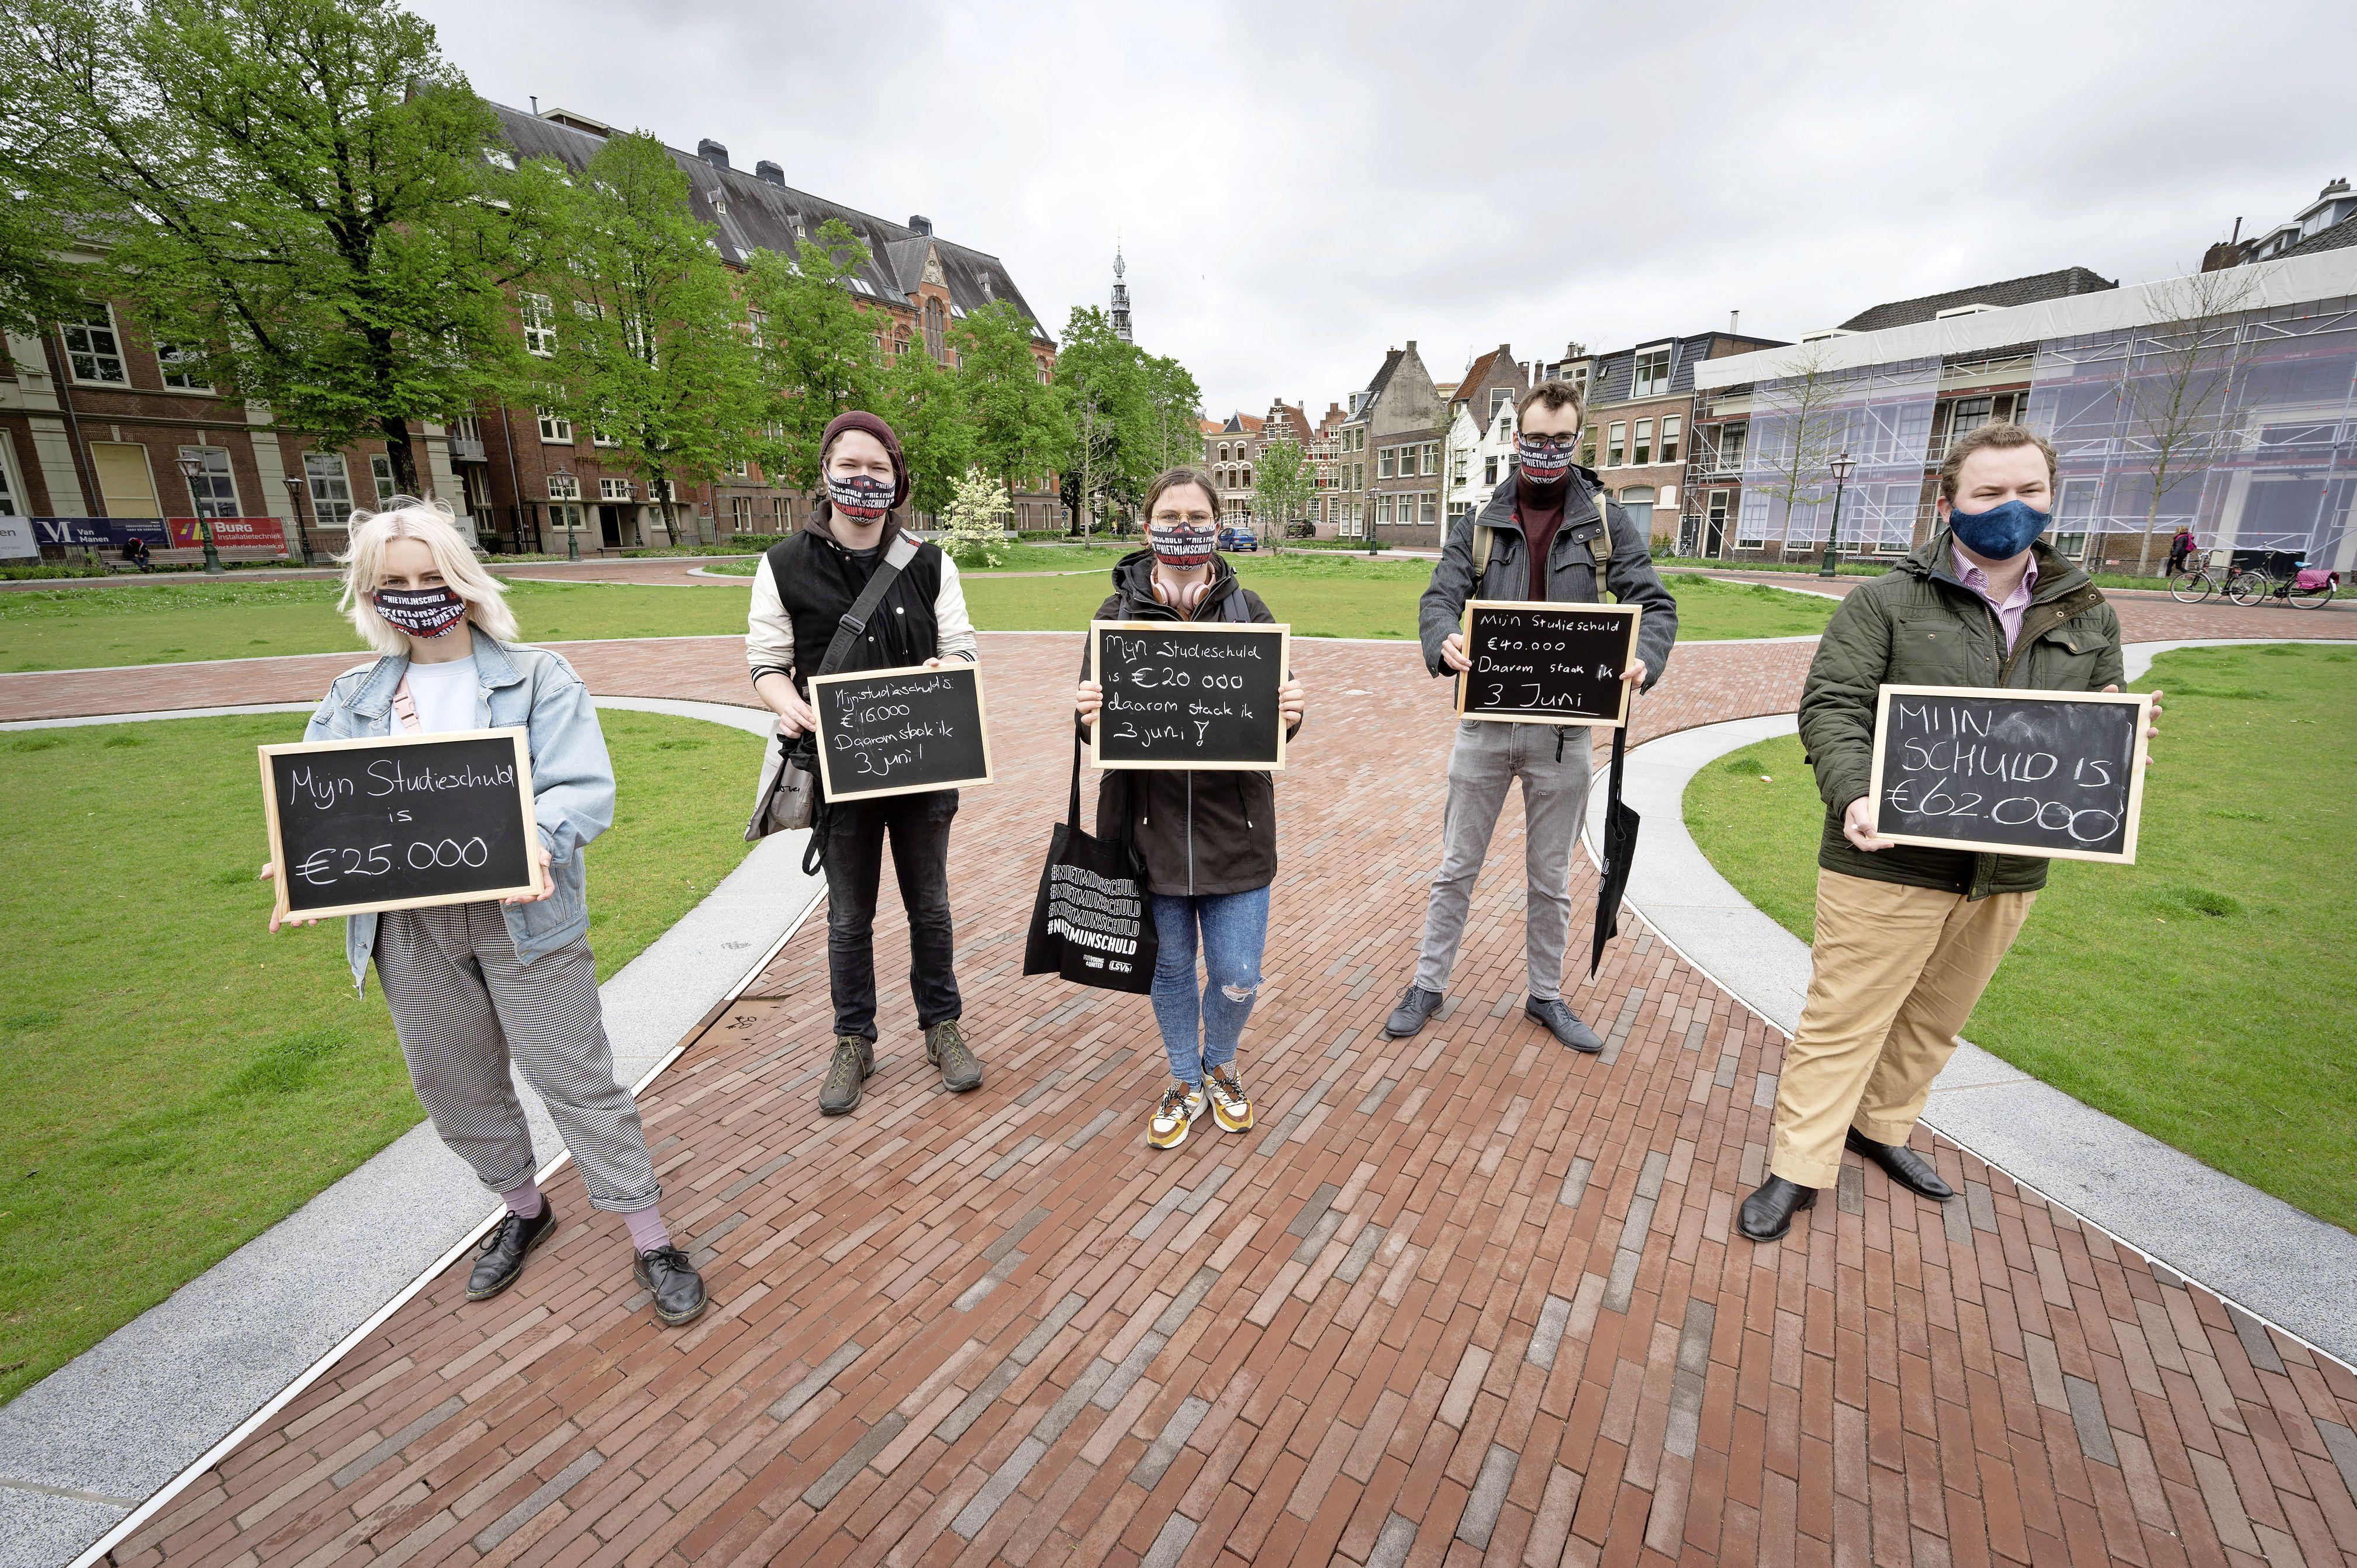 Actie tegen leenstelsel: studenten gedwongen om hoge schulden aan te gaan, maar hoe erg is dat?